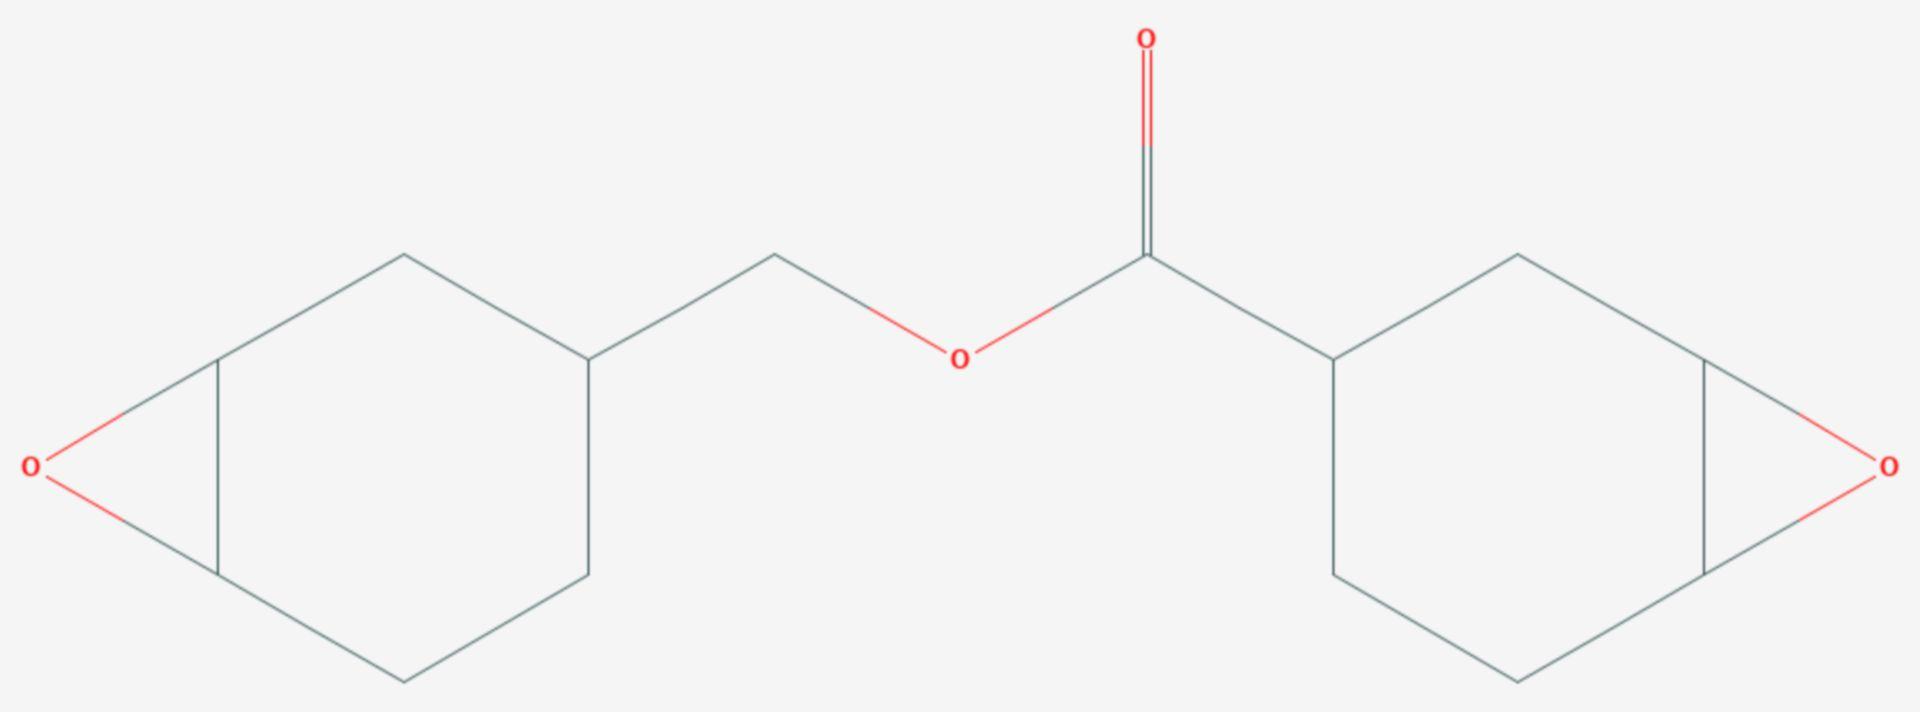 3,4-Epoxycyclohexylmethyl-3',4'-epoxycyclohexancarboxylat (Strukturformel)